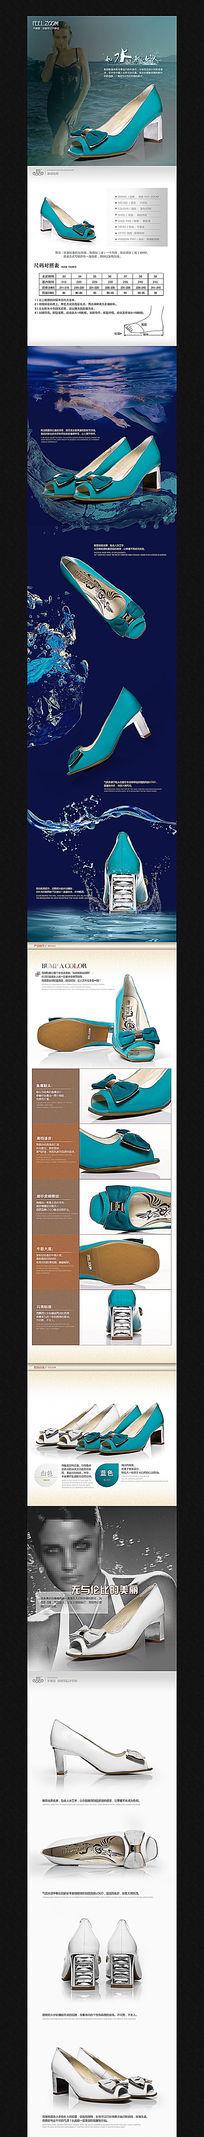 淘宝高跟鞋详情页PSD设计模板